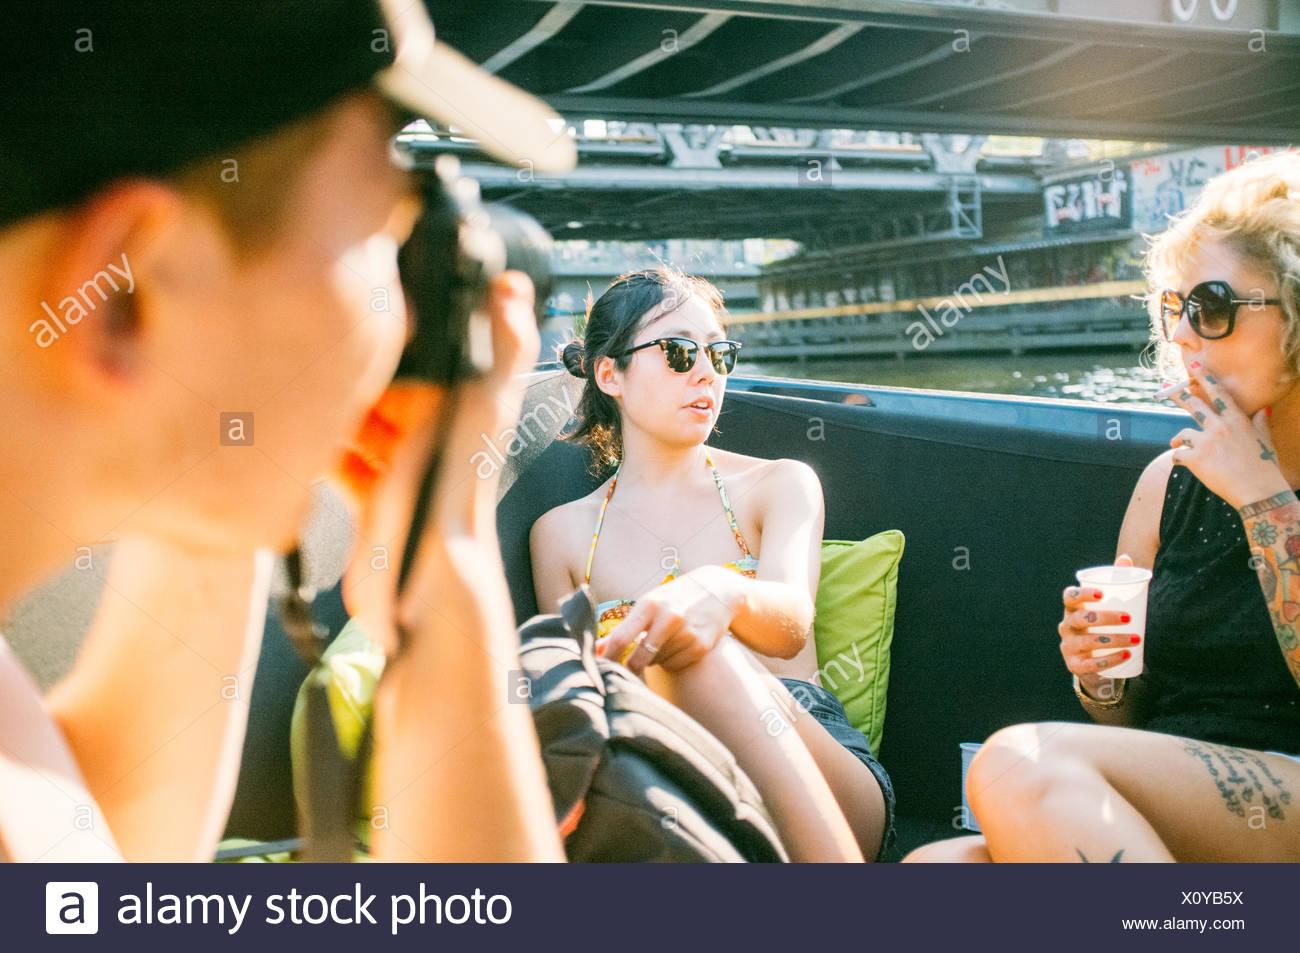 Photographier les femmes l'homme alors qu'elle repose sur le Voile Photo Stock